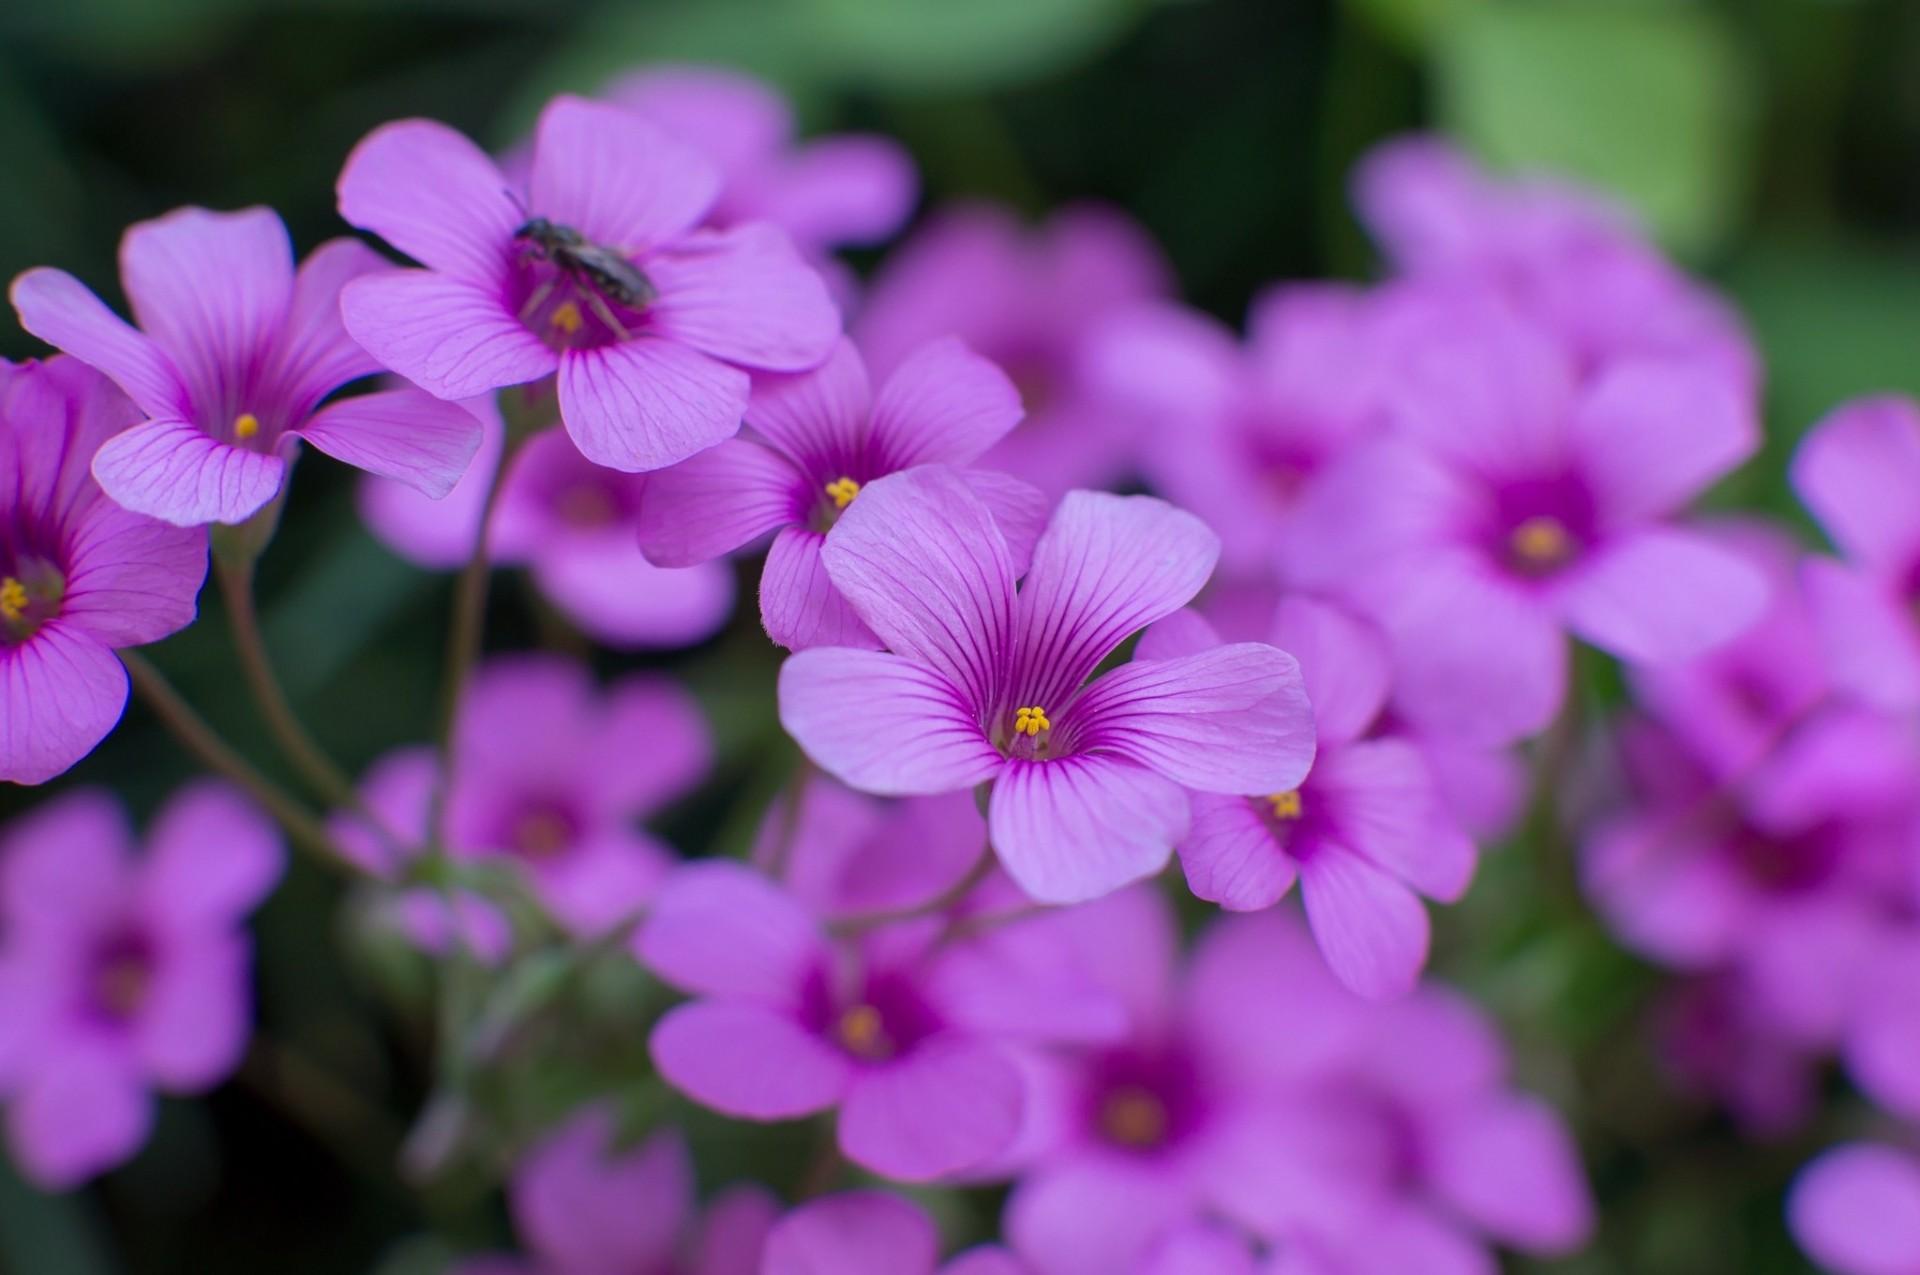 Фото сиреневых цветов в высоком качестве